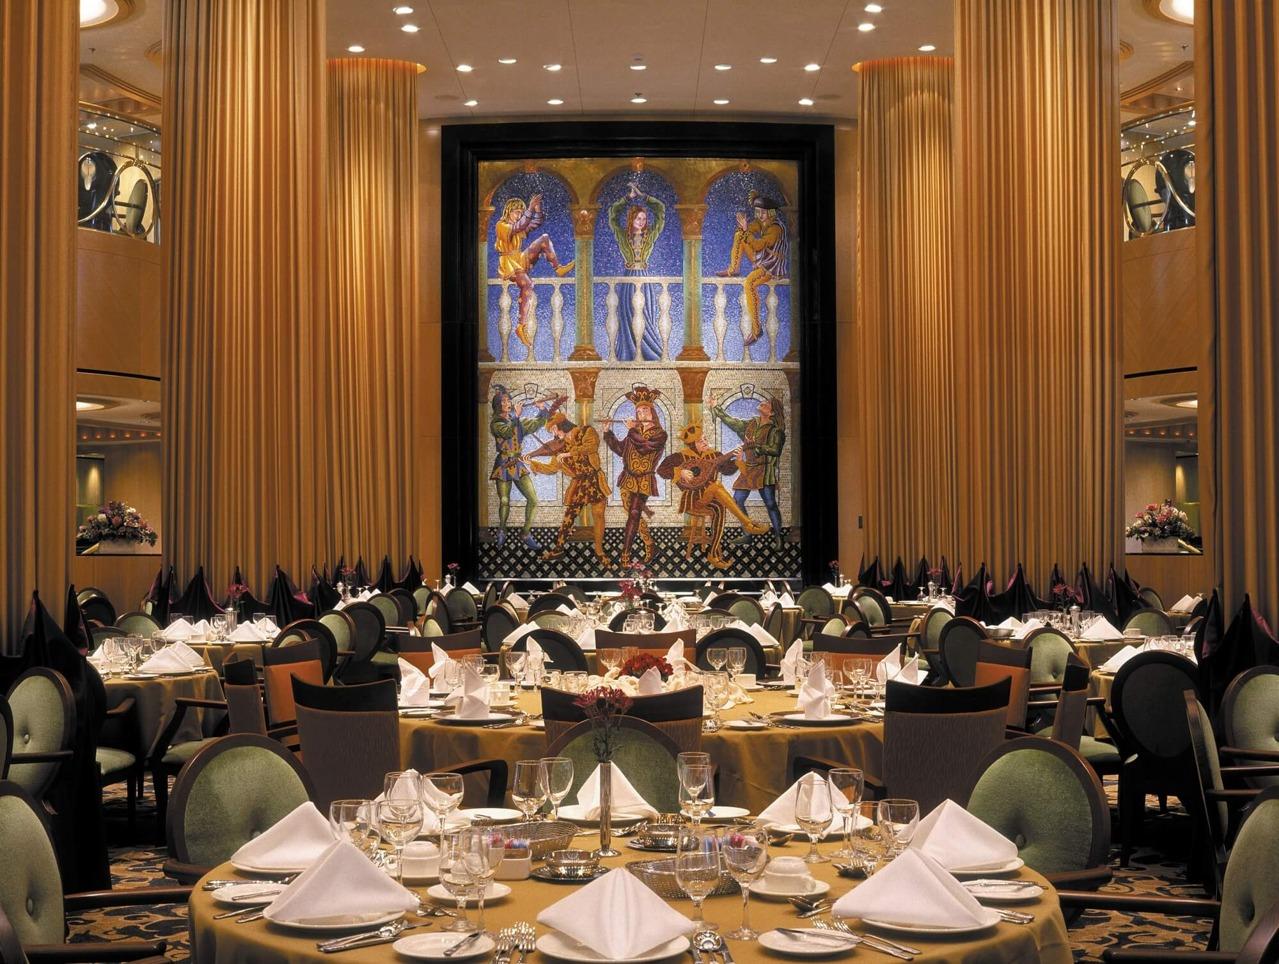 Круизный лайнер Brilliance of the Seas - Основной ресторан (Dining Room)